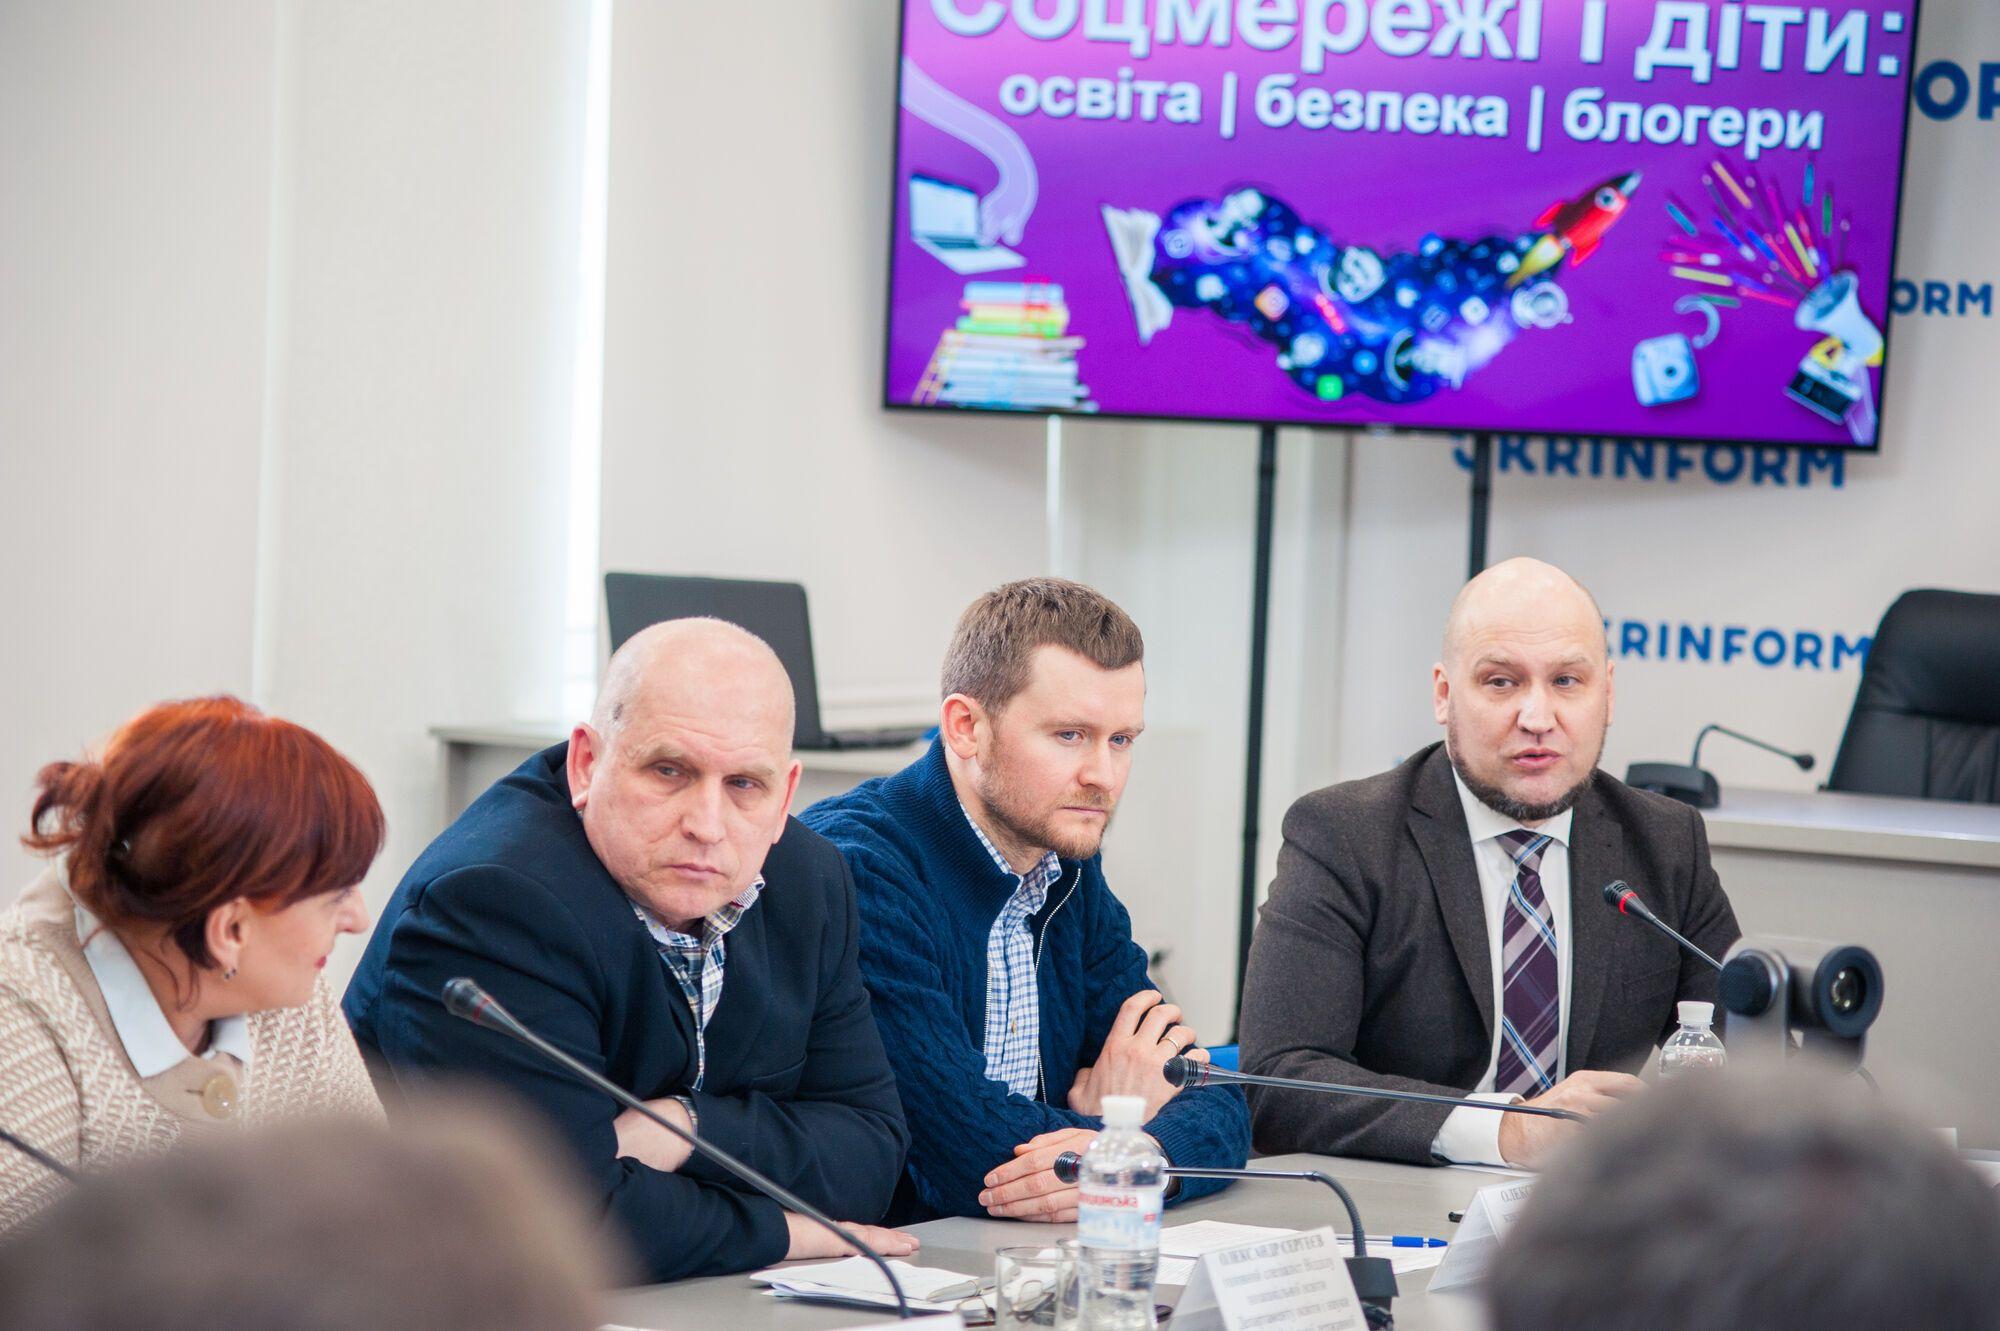 """В Україні стартувала освітня платформа """"Академія.online"""""""